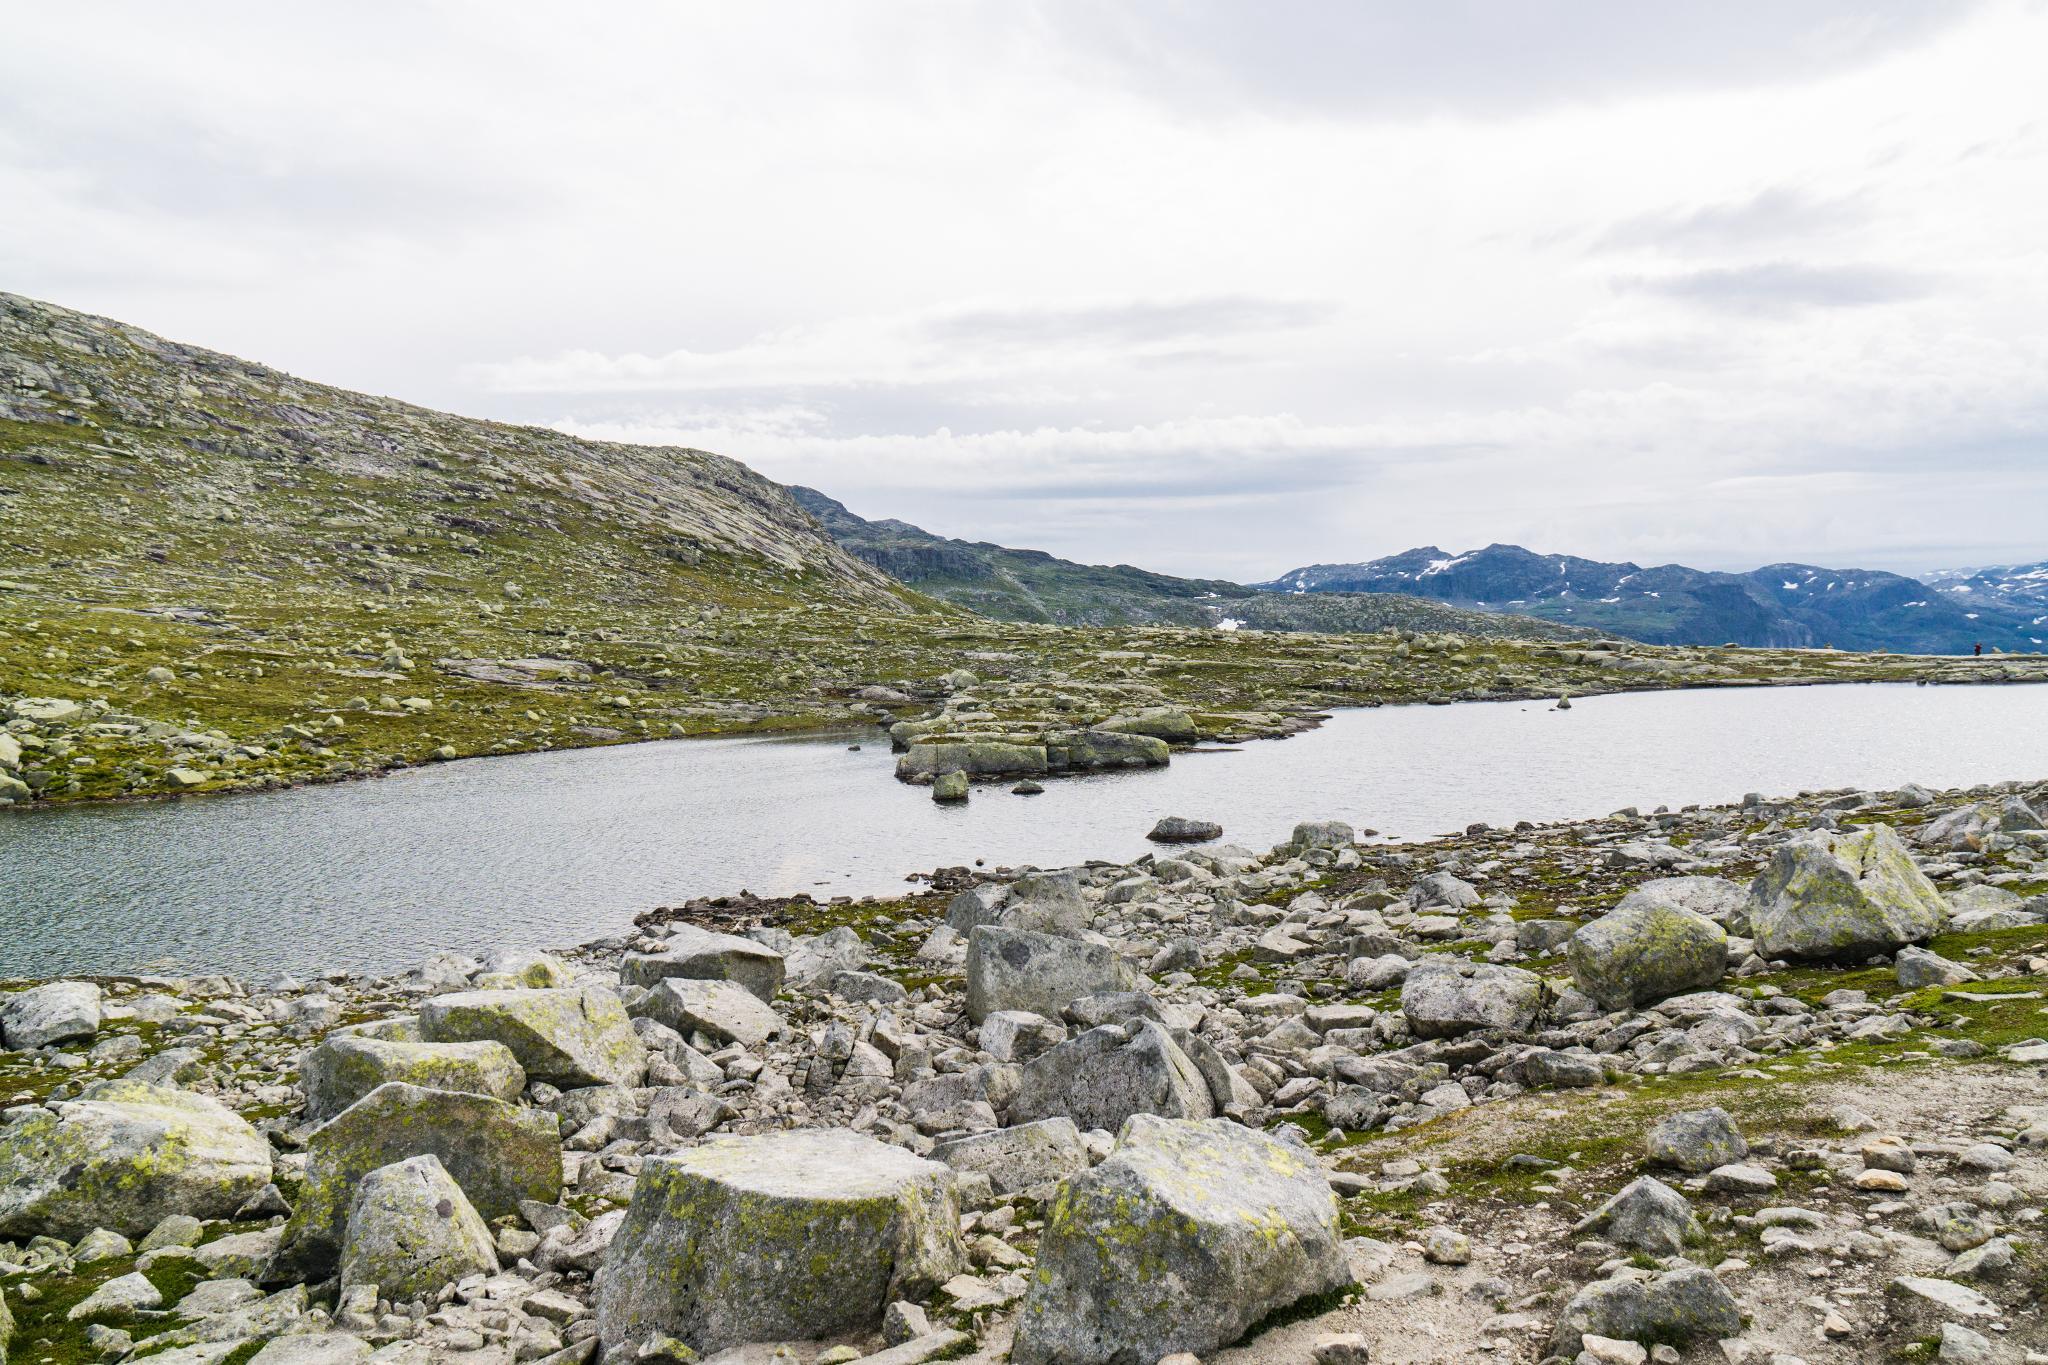 【北歐景點】挪威惡魔之舌 Trolltunga — 28公里健行挑戰全攻略 194